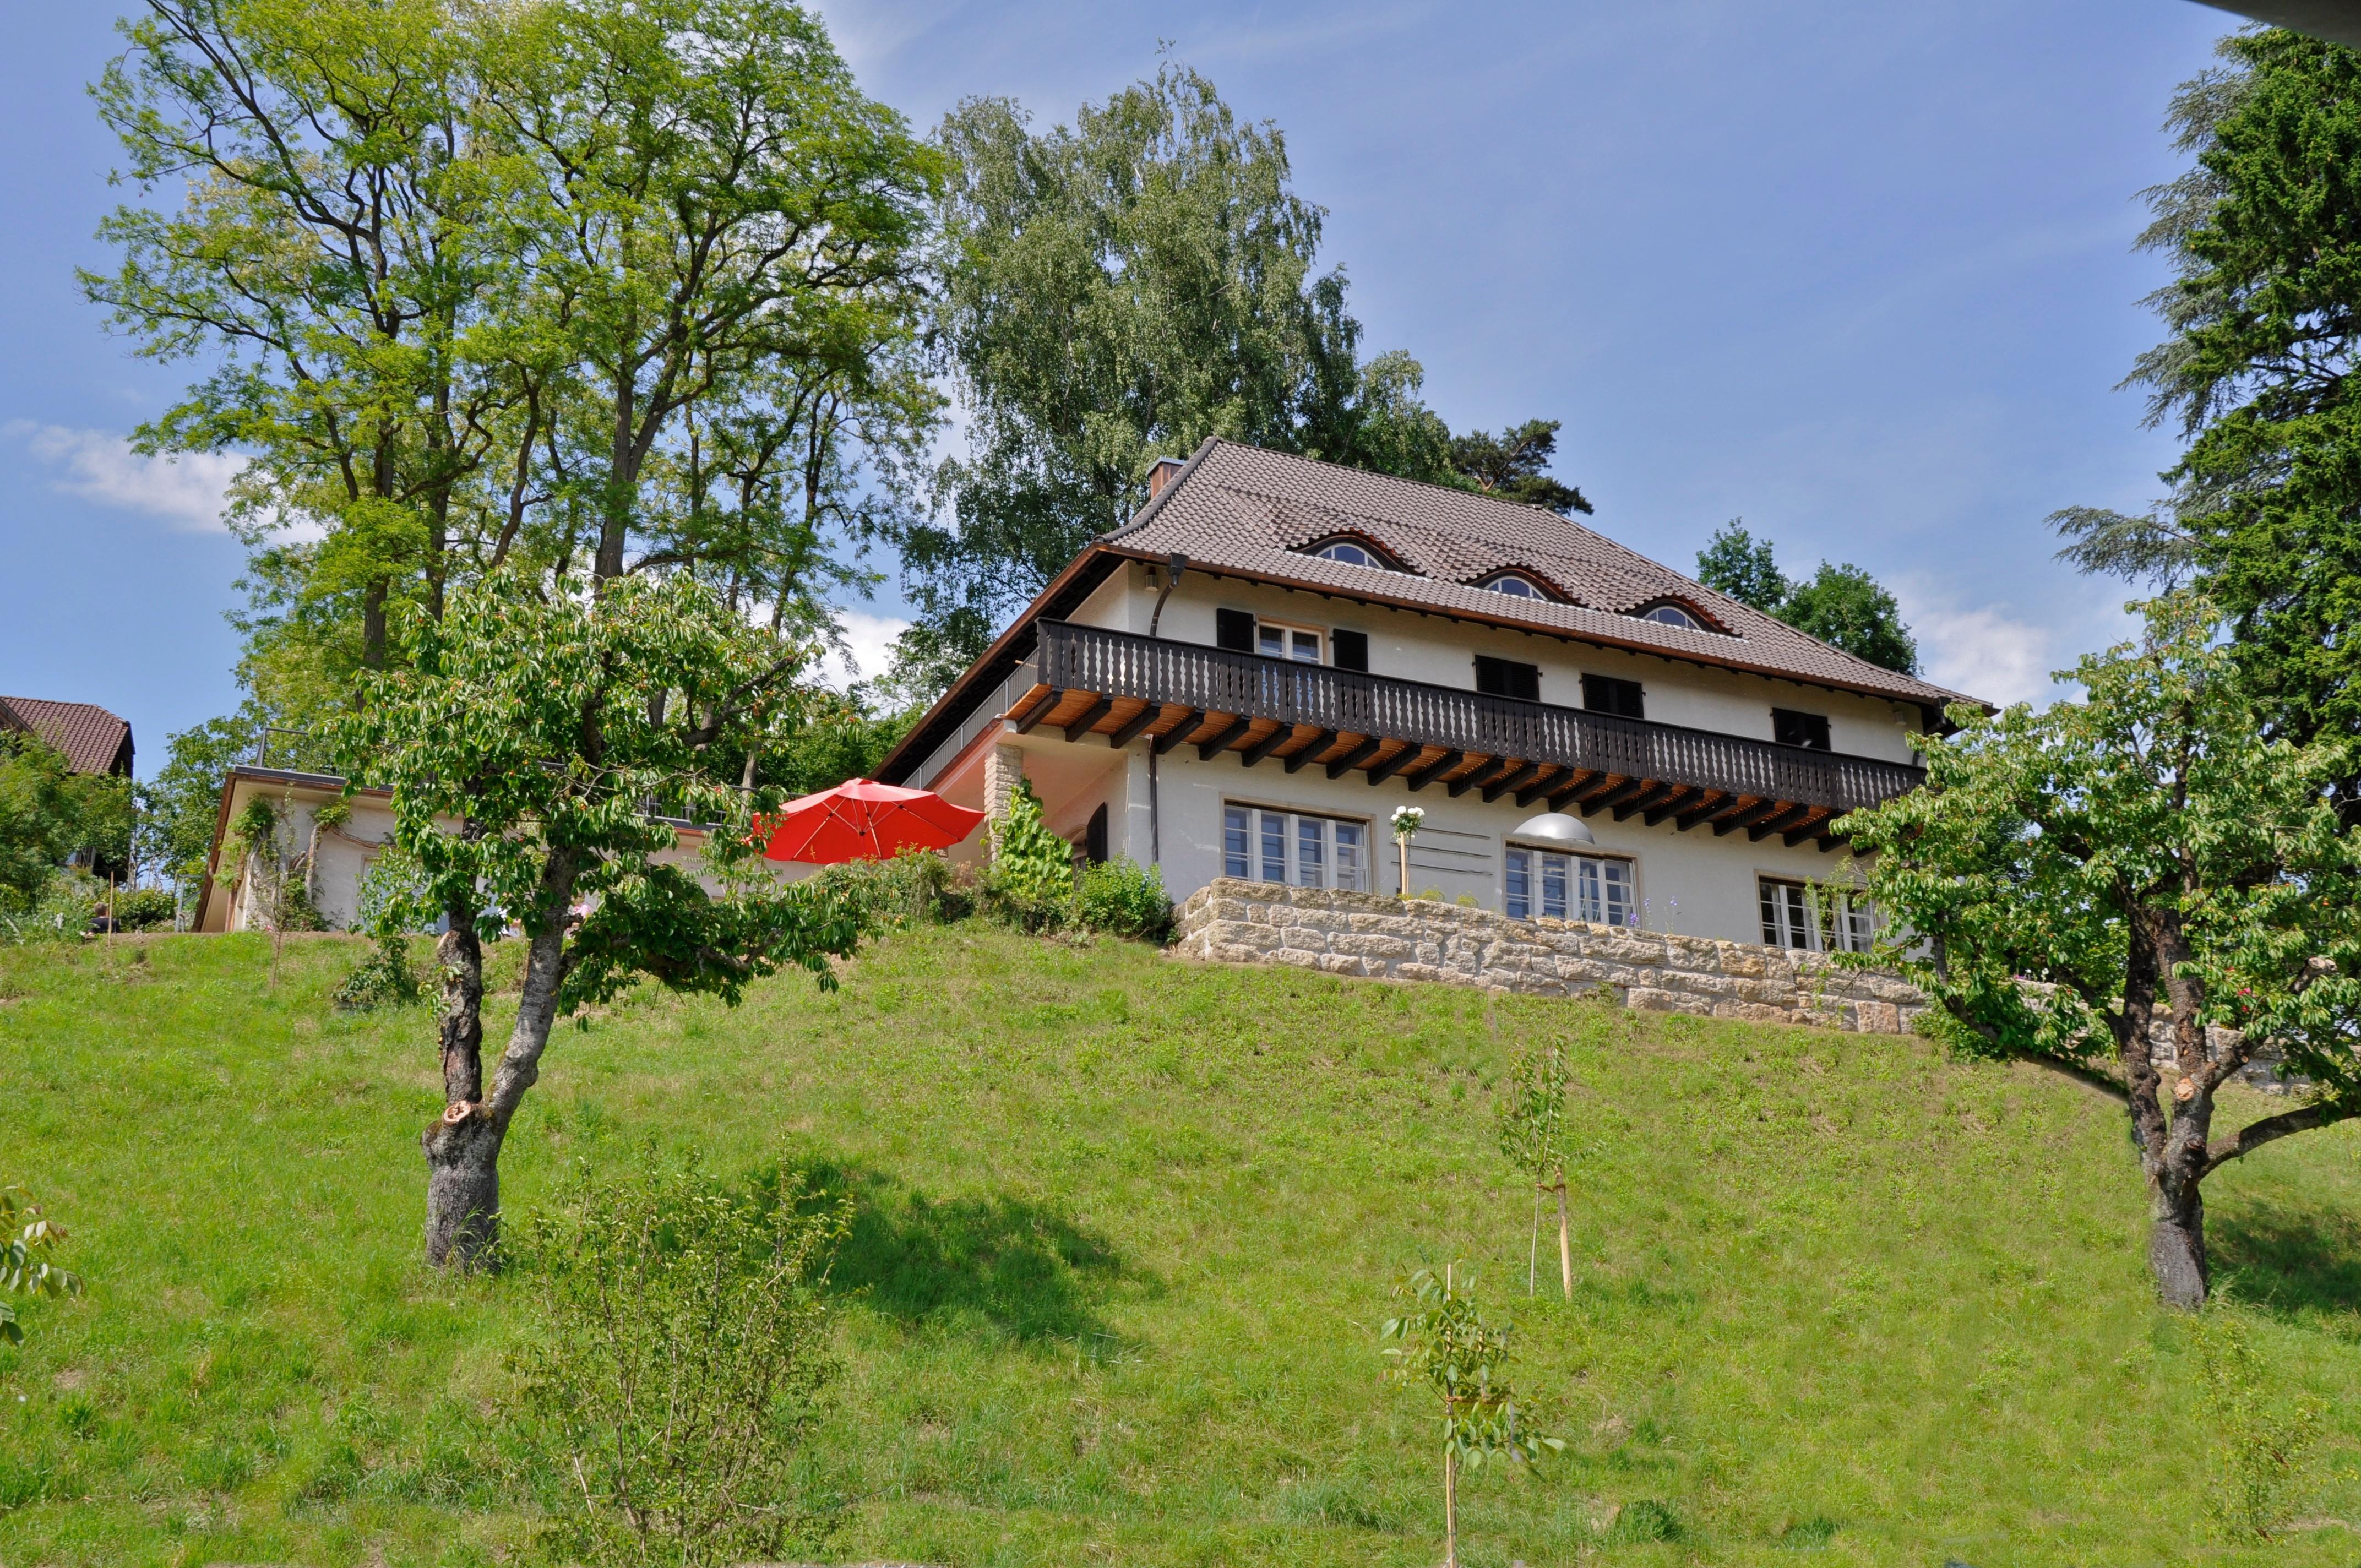 Otto Dix Haus